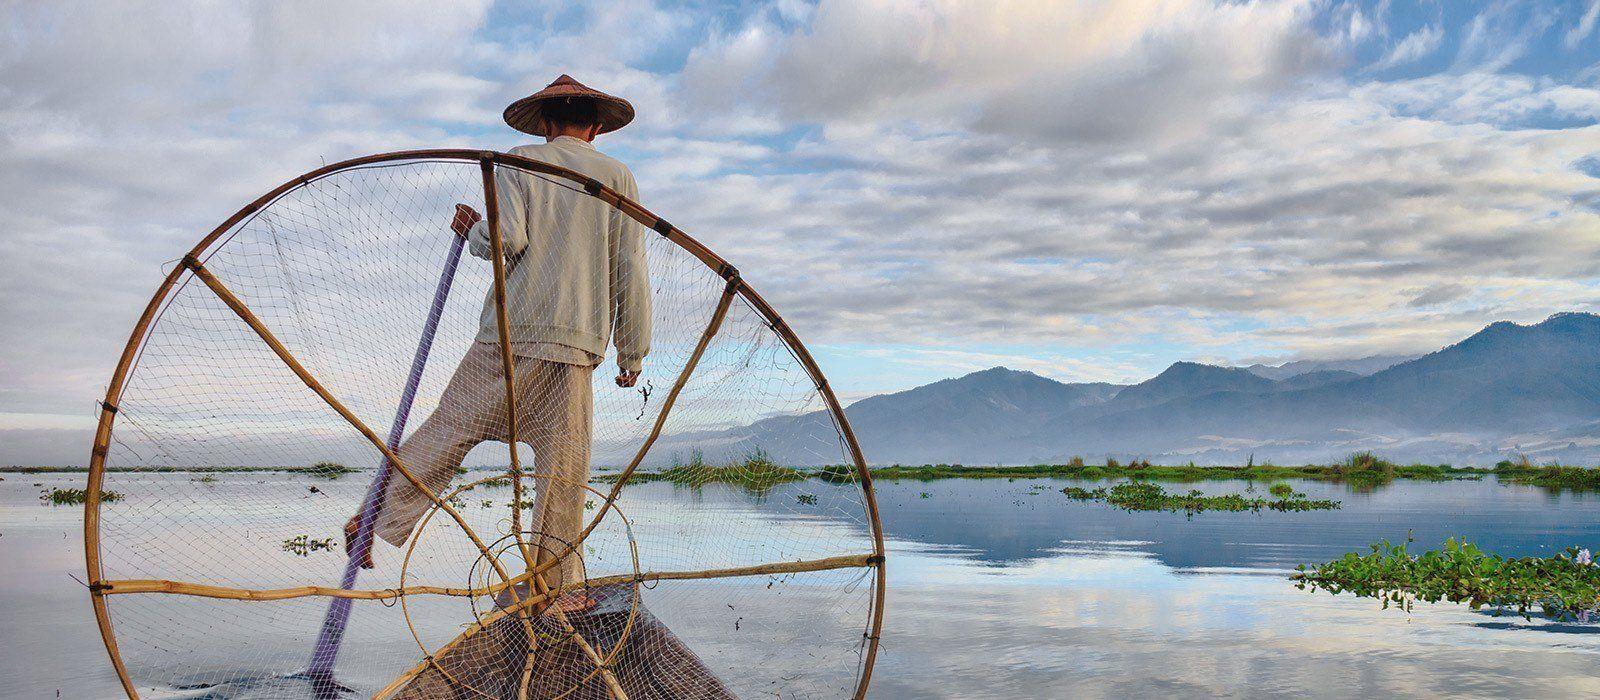 Luxus, Kultur und Entspannung im Goldenen Land Urlaub 4